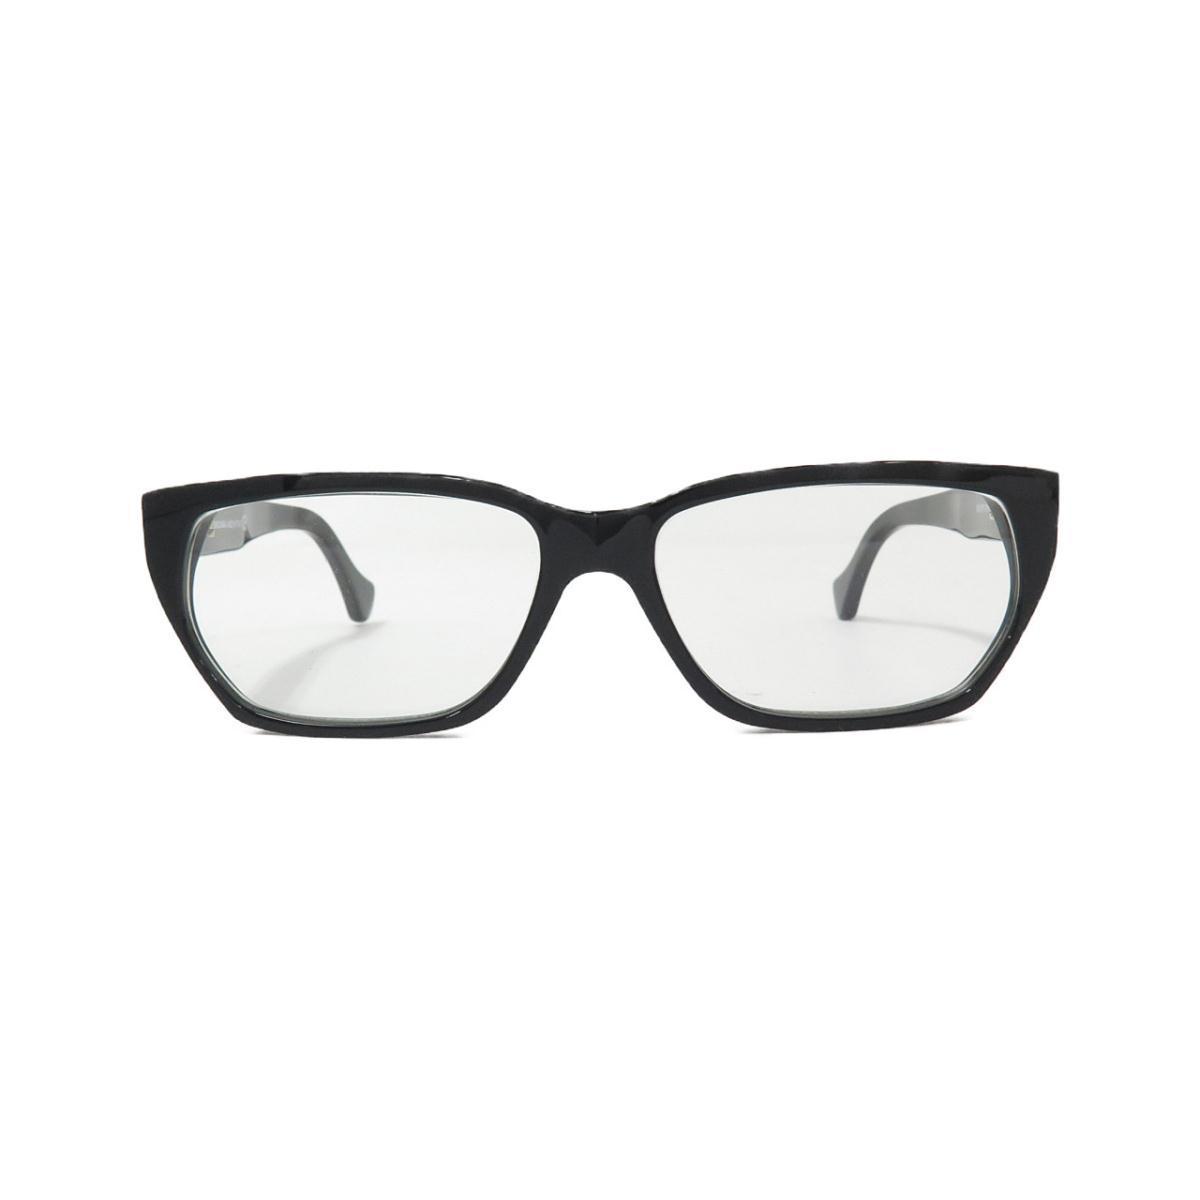 【新品】バレンシアガ メガネ 5073【新品】